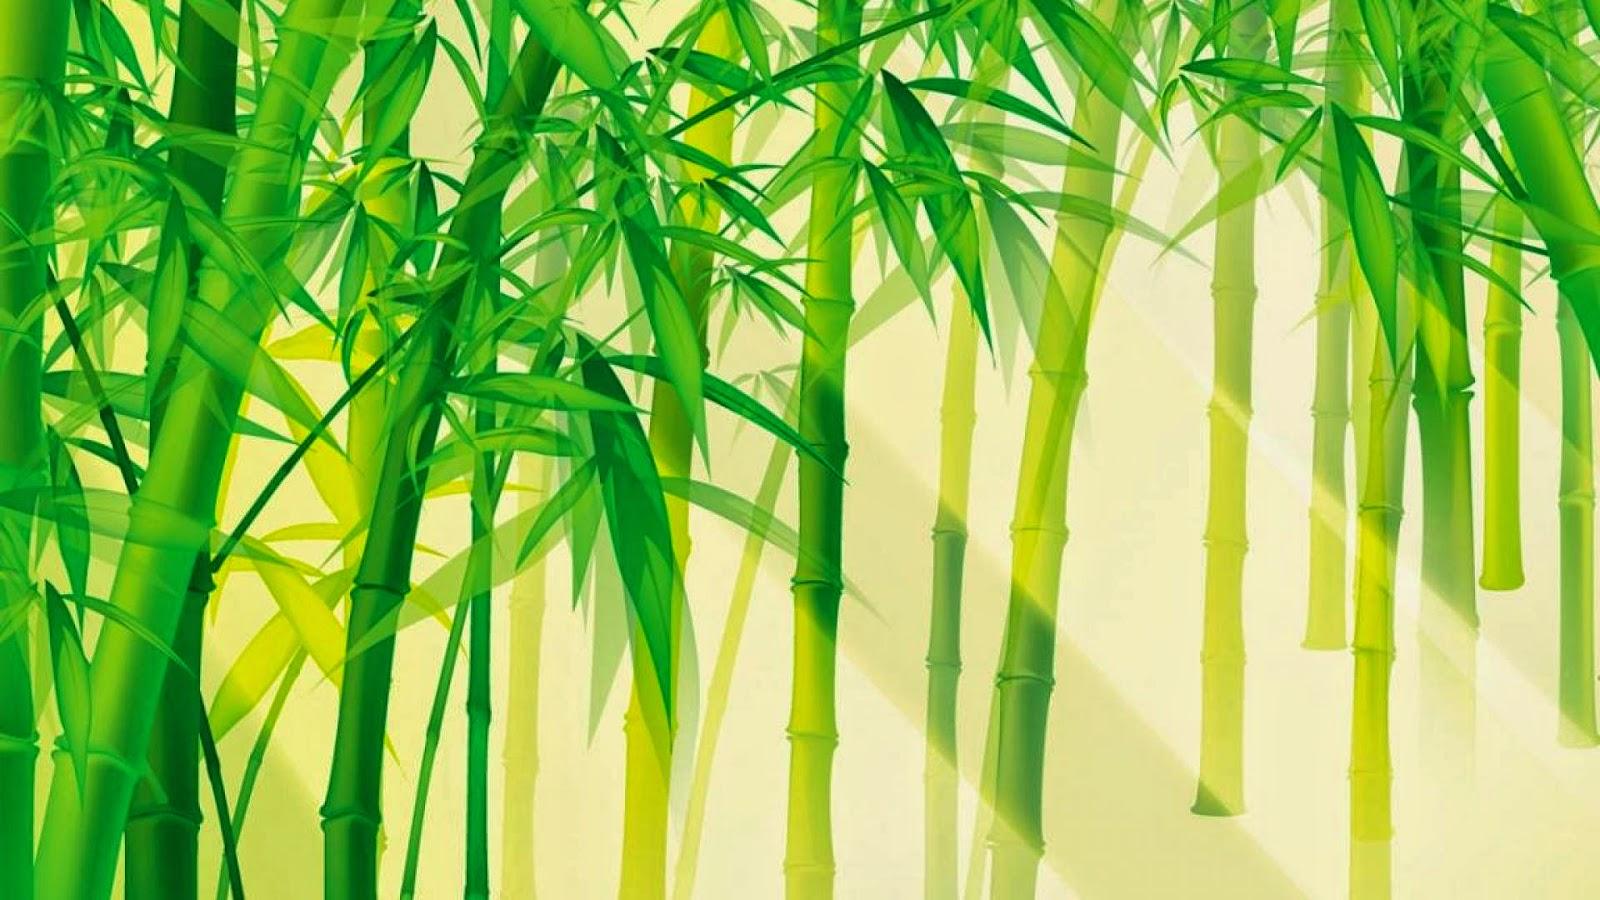 Tranh vẽ tre xanh nắng vàng